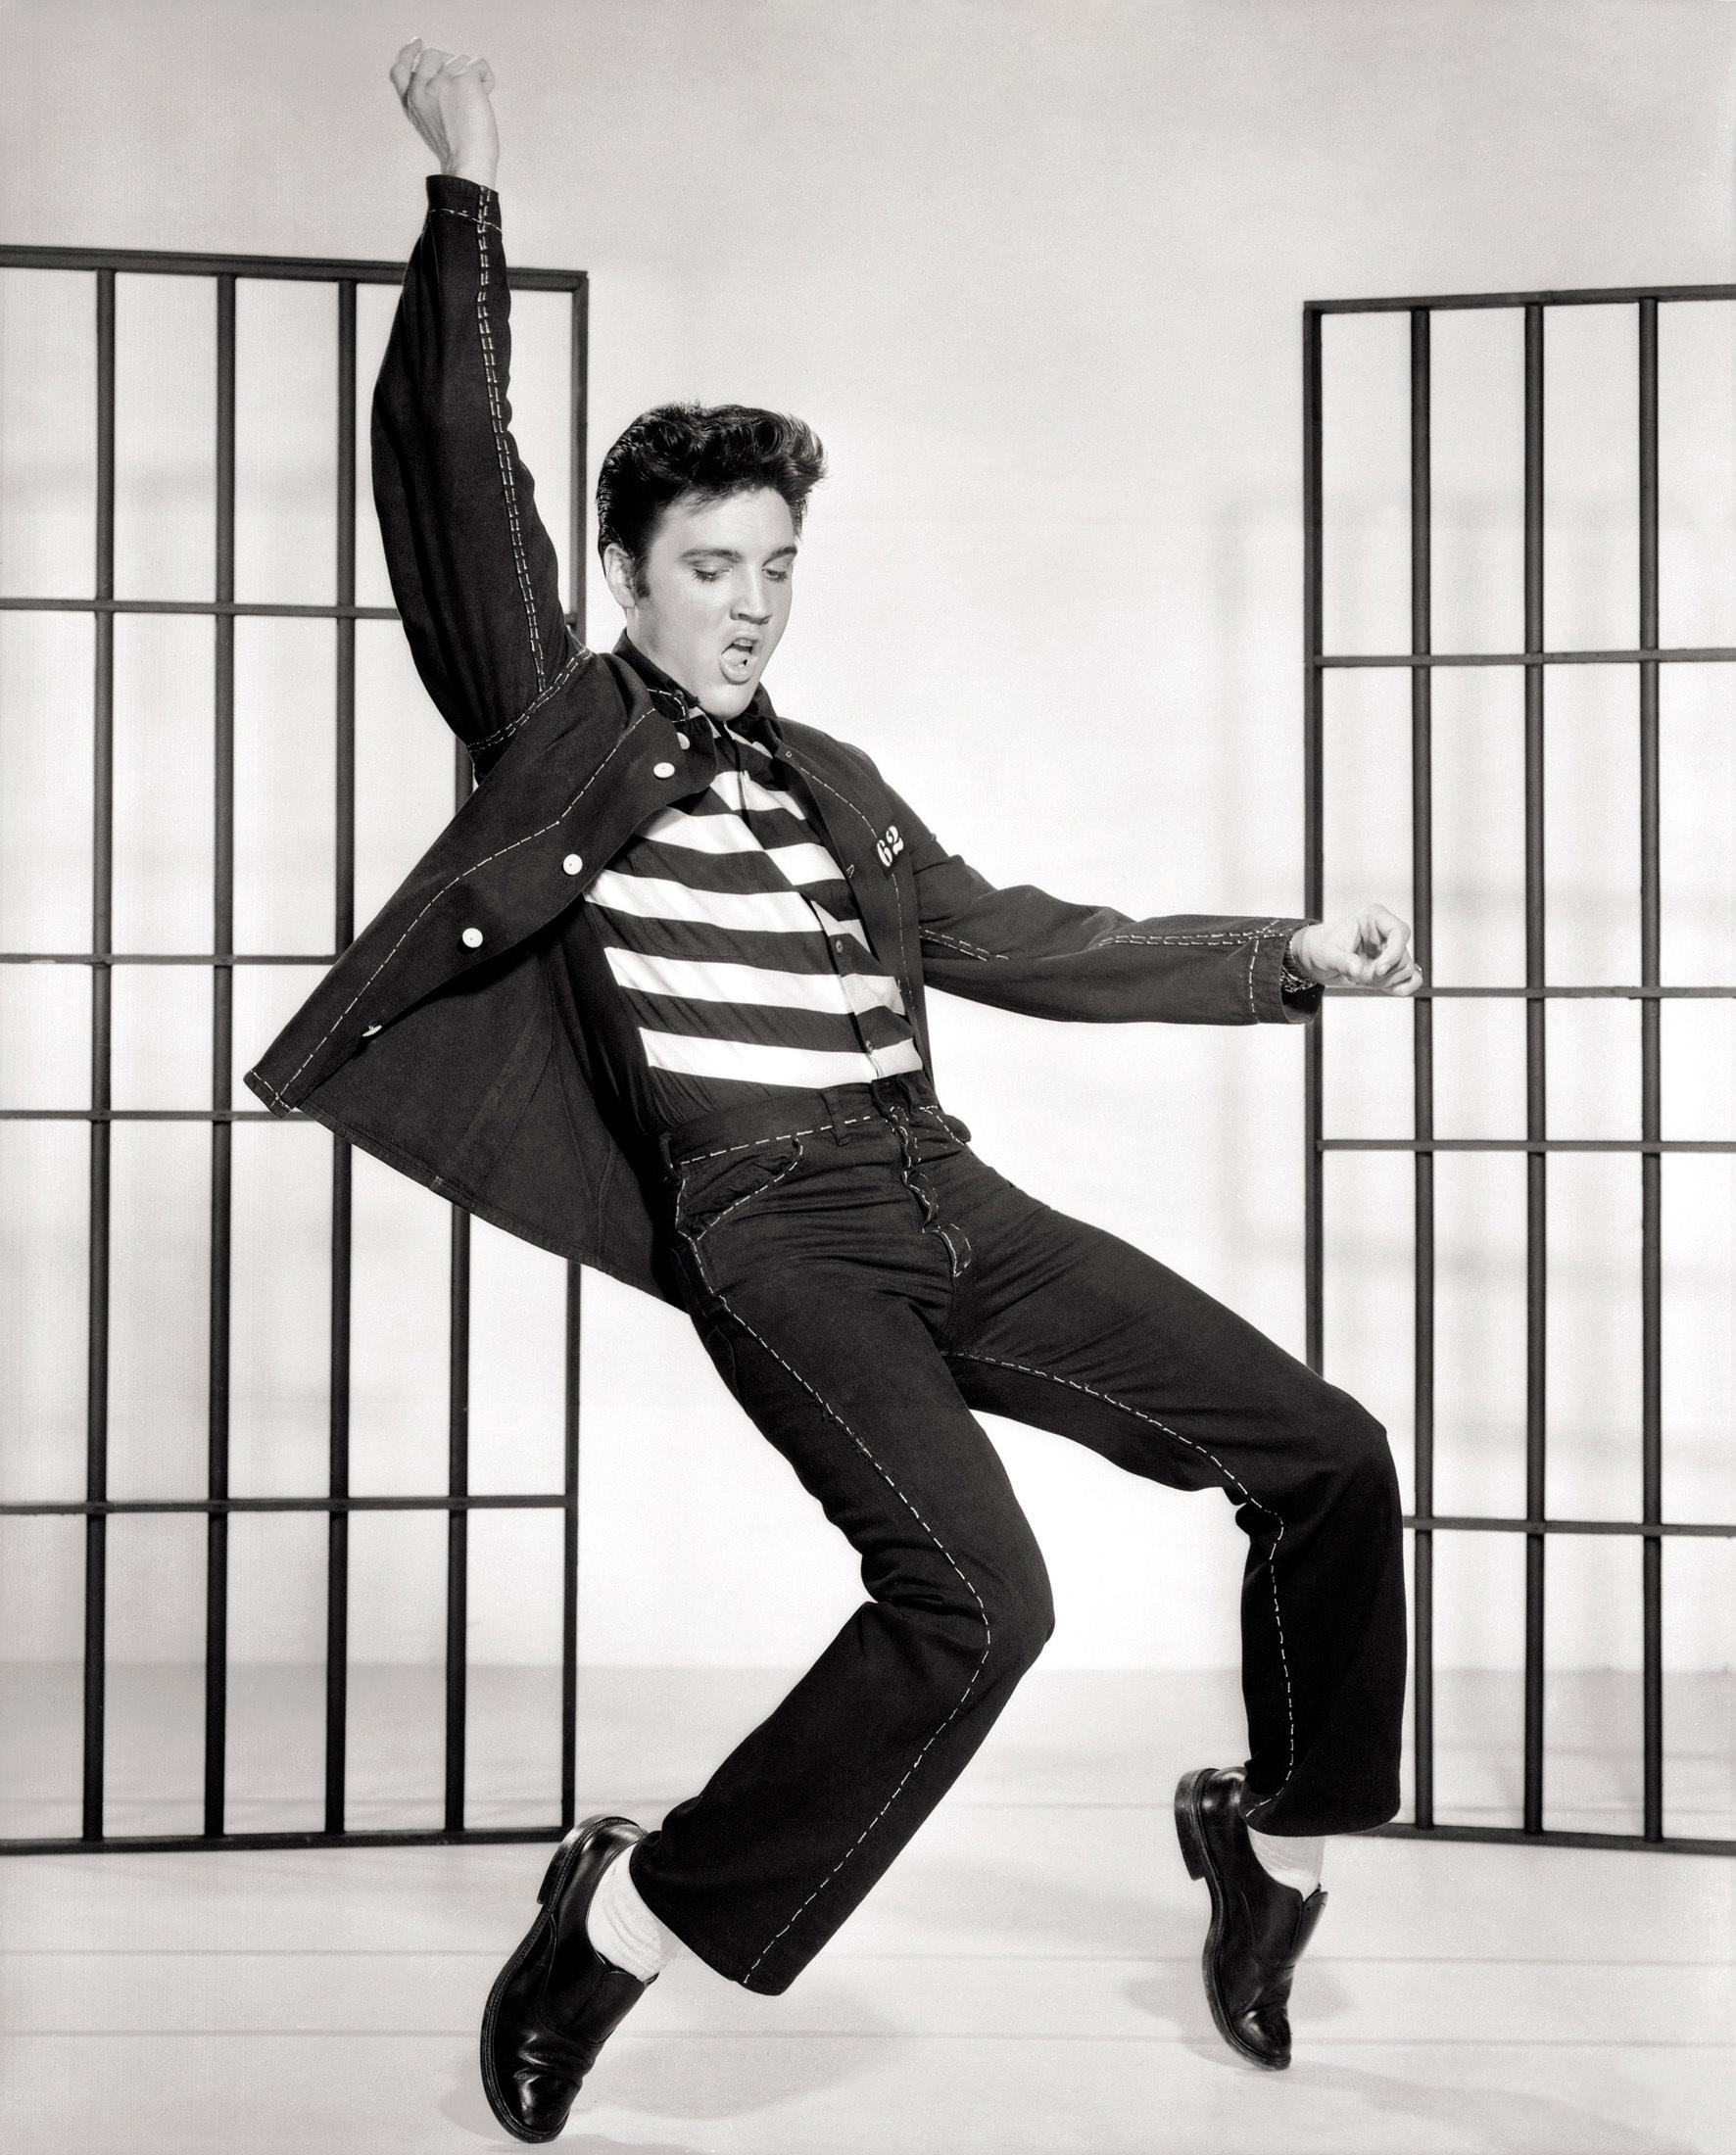 Elvis Presley in Jail House Rock